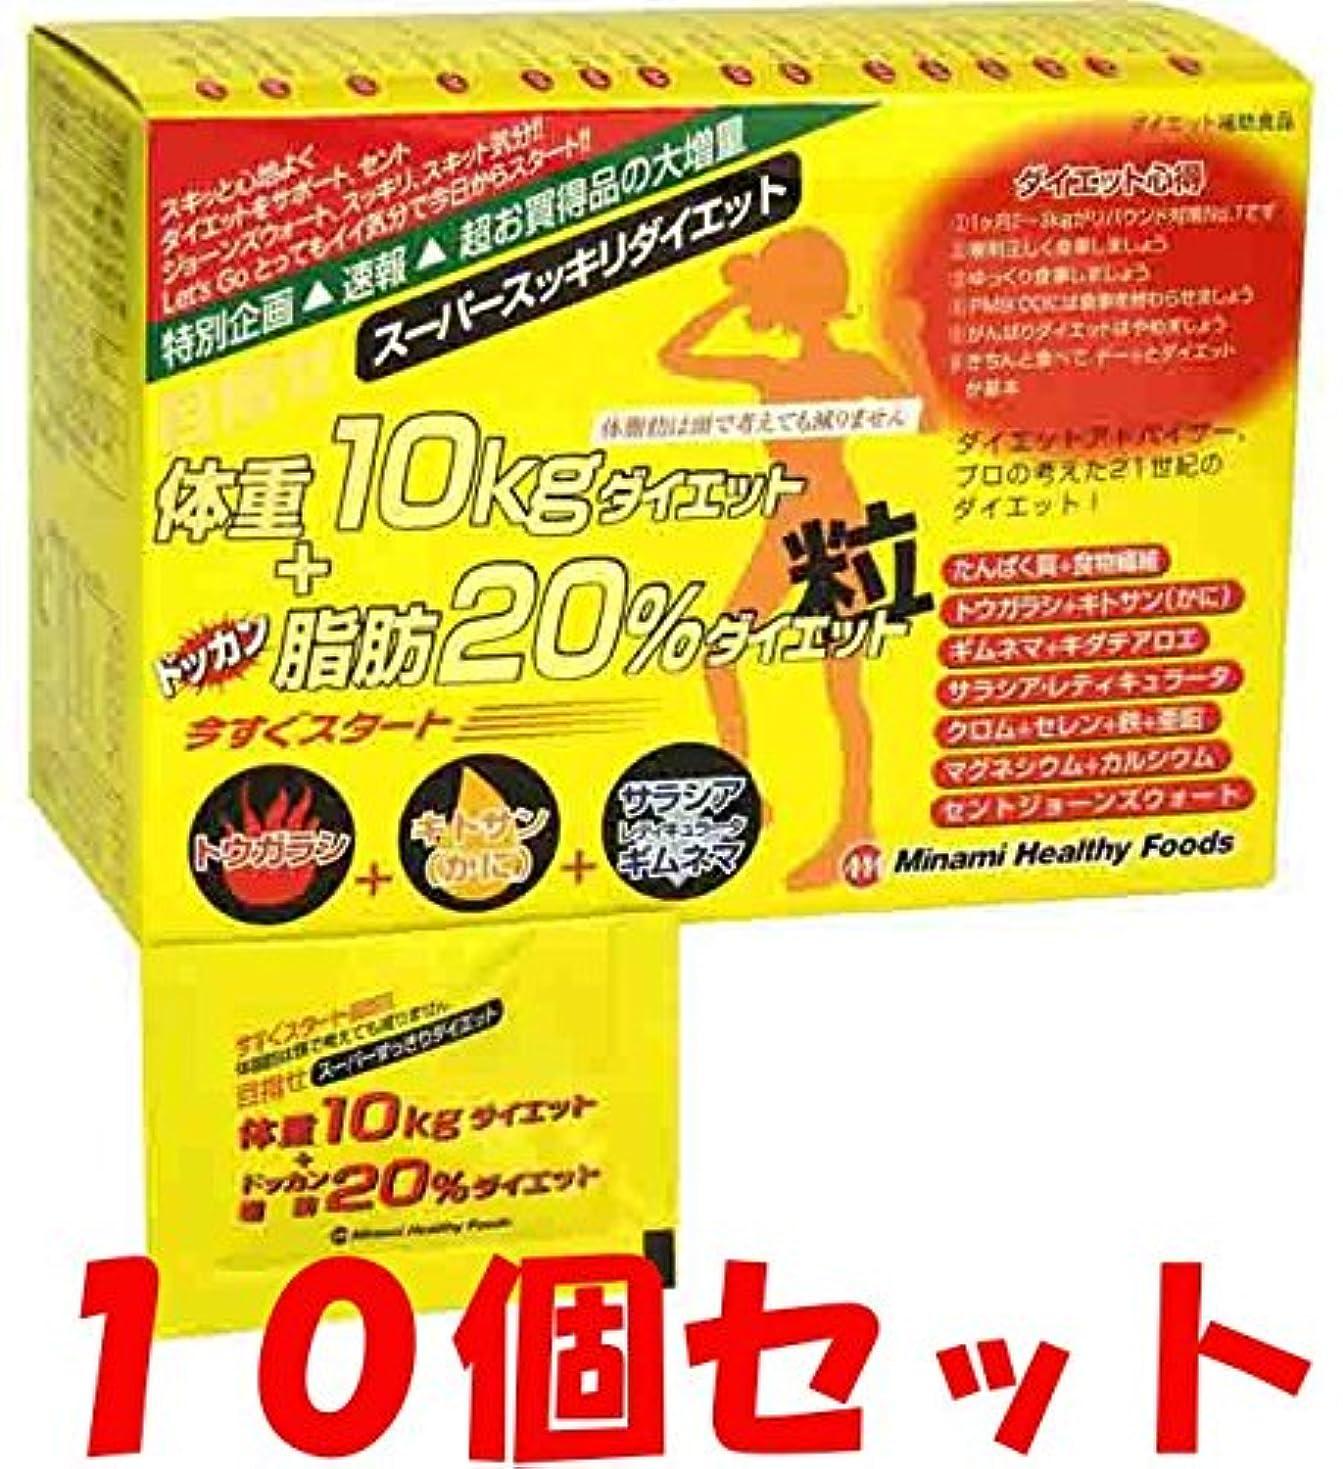 【10個セット】目指せ体重10kgダイエット+ドッカン脂肪20%ダイエット粒 6粒×75袋